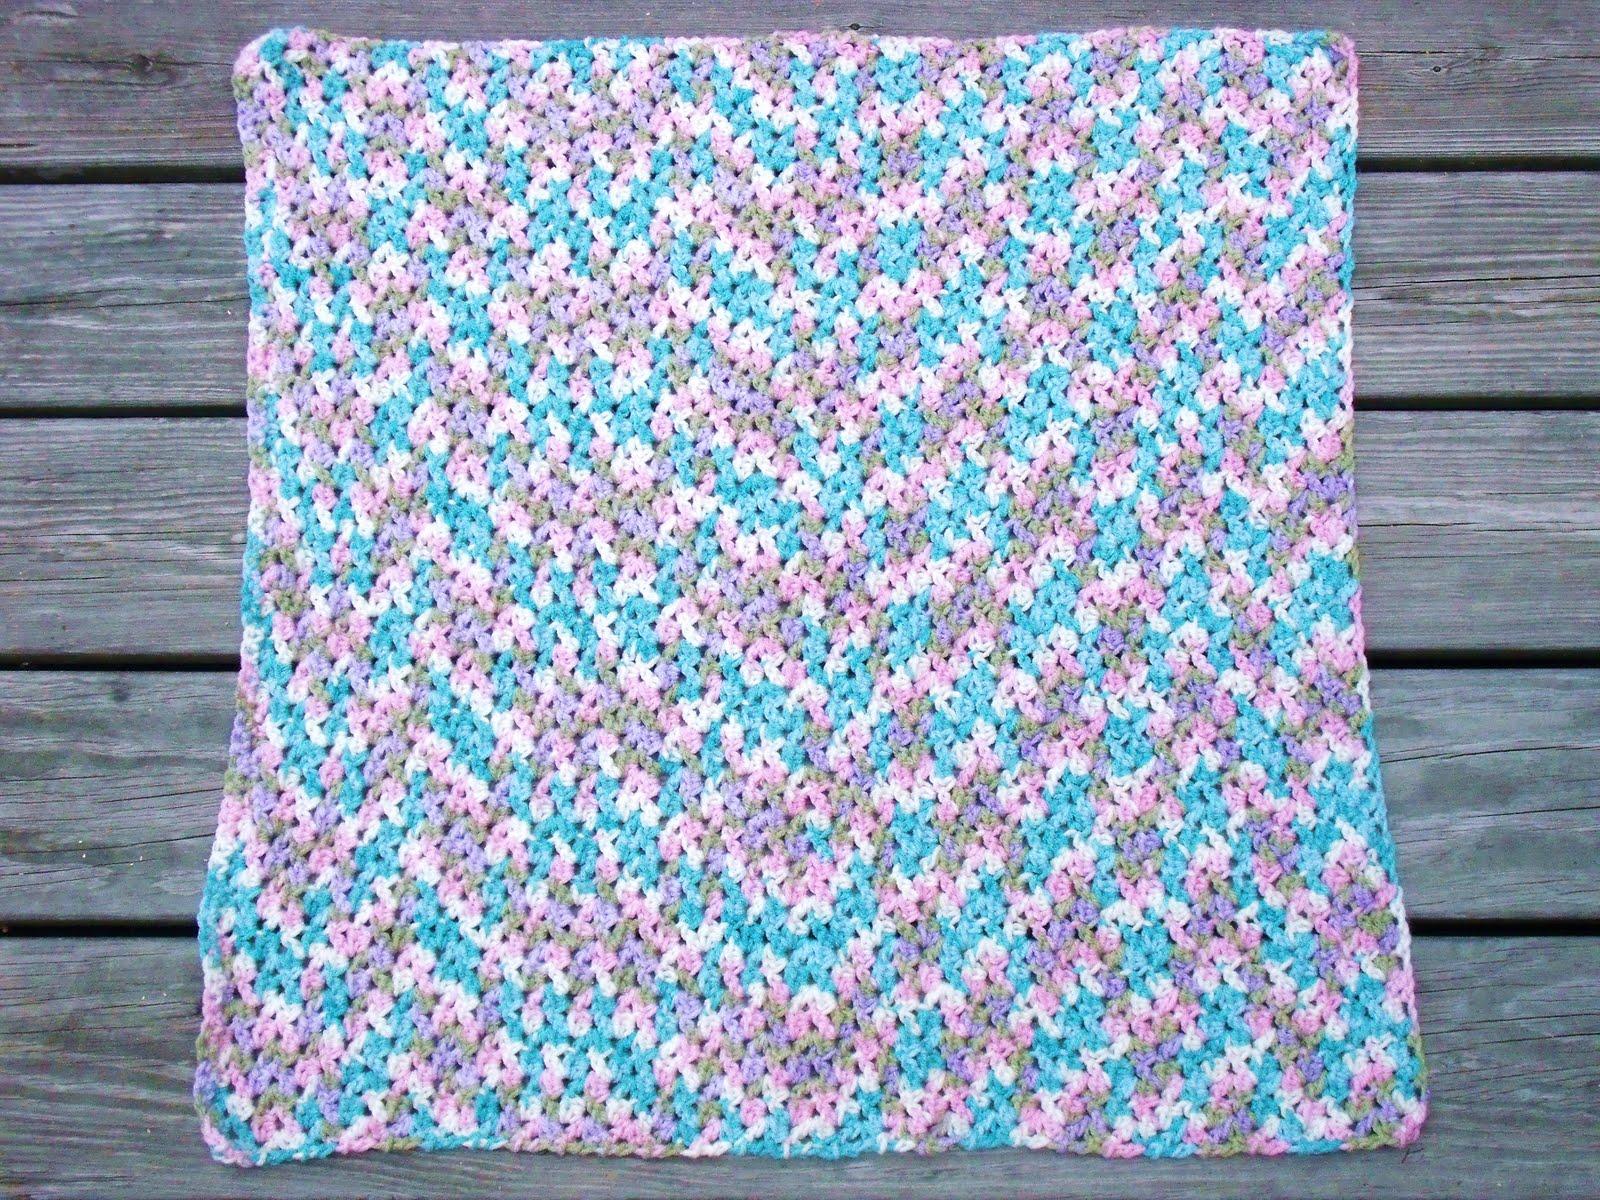 Simple Easy Crochet Baby Blanket Patterns : Easy Crochet Pattern: Shell Look Baby Blanket Finish